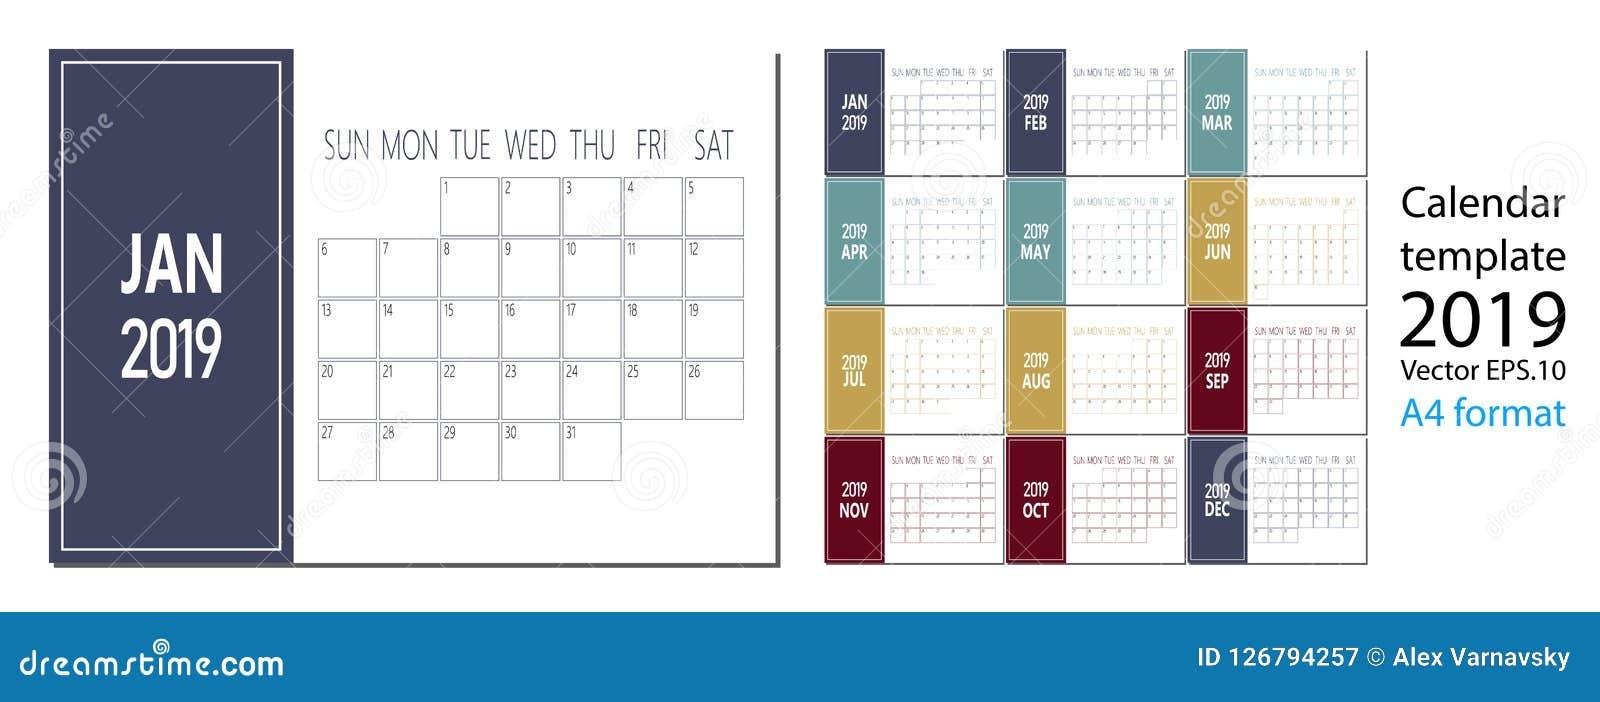 Διάνυσμα ημερολογίου έτους του 2019 του νέου στο καθαρό ελάχιστο επιτραπέζιο απλό ύφος και το μπλε μέγεθος χρώματος A4